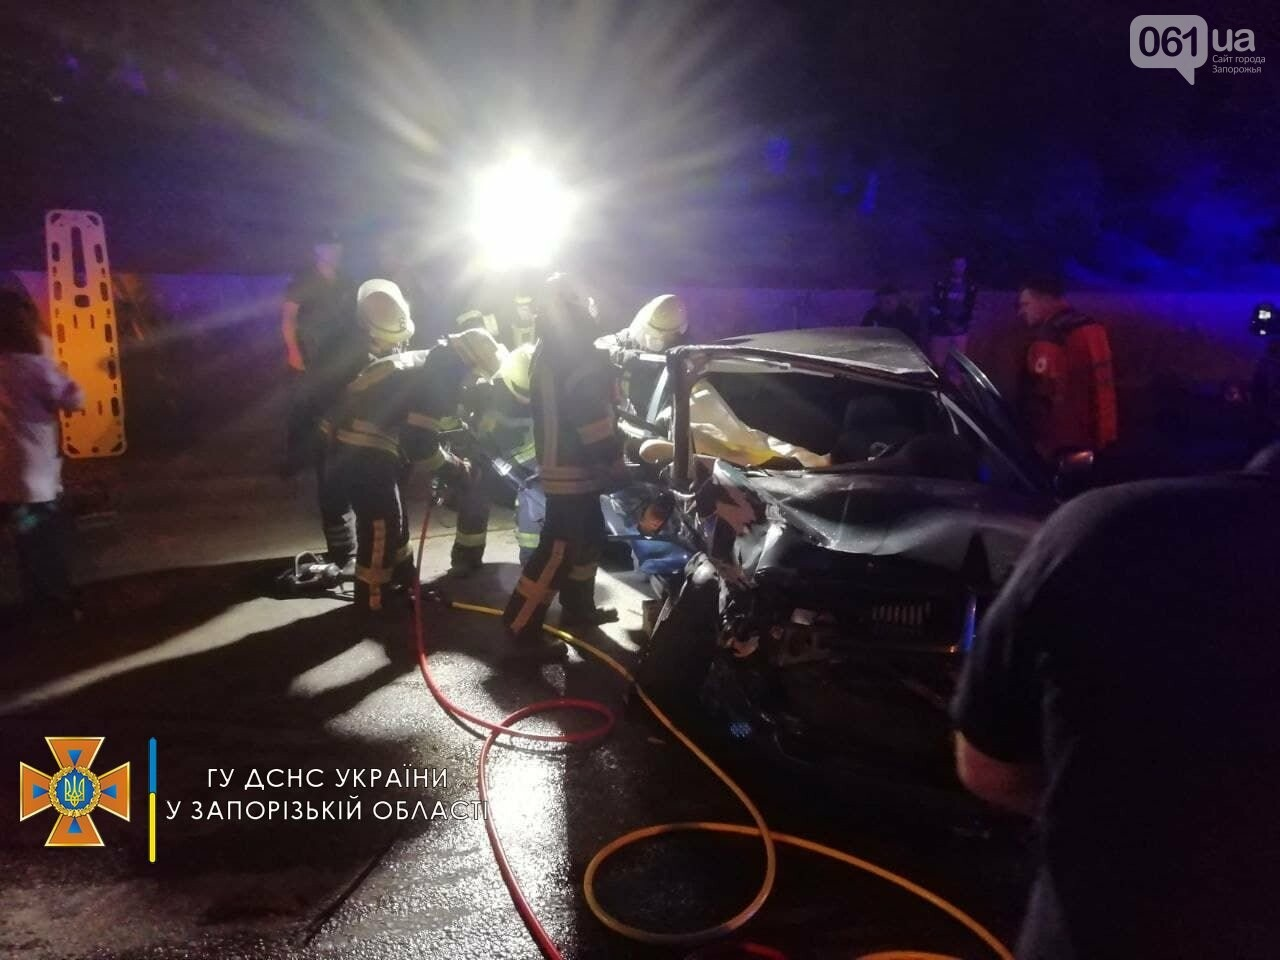 photo2021 09 0920 34 13result 613affb1bf1e6 - В ДТП на Космической пострадали 6 человек, одну из пассажирок зажало в авто